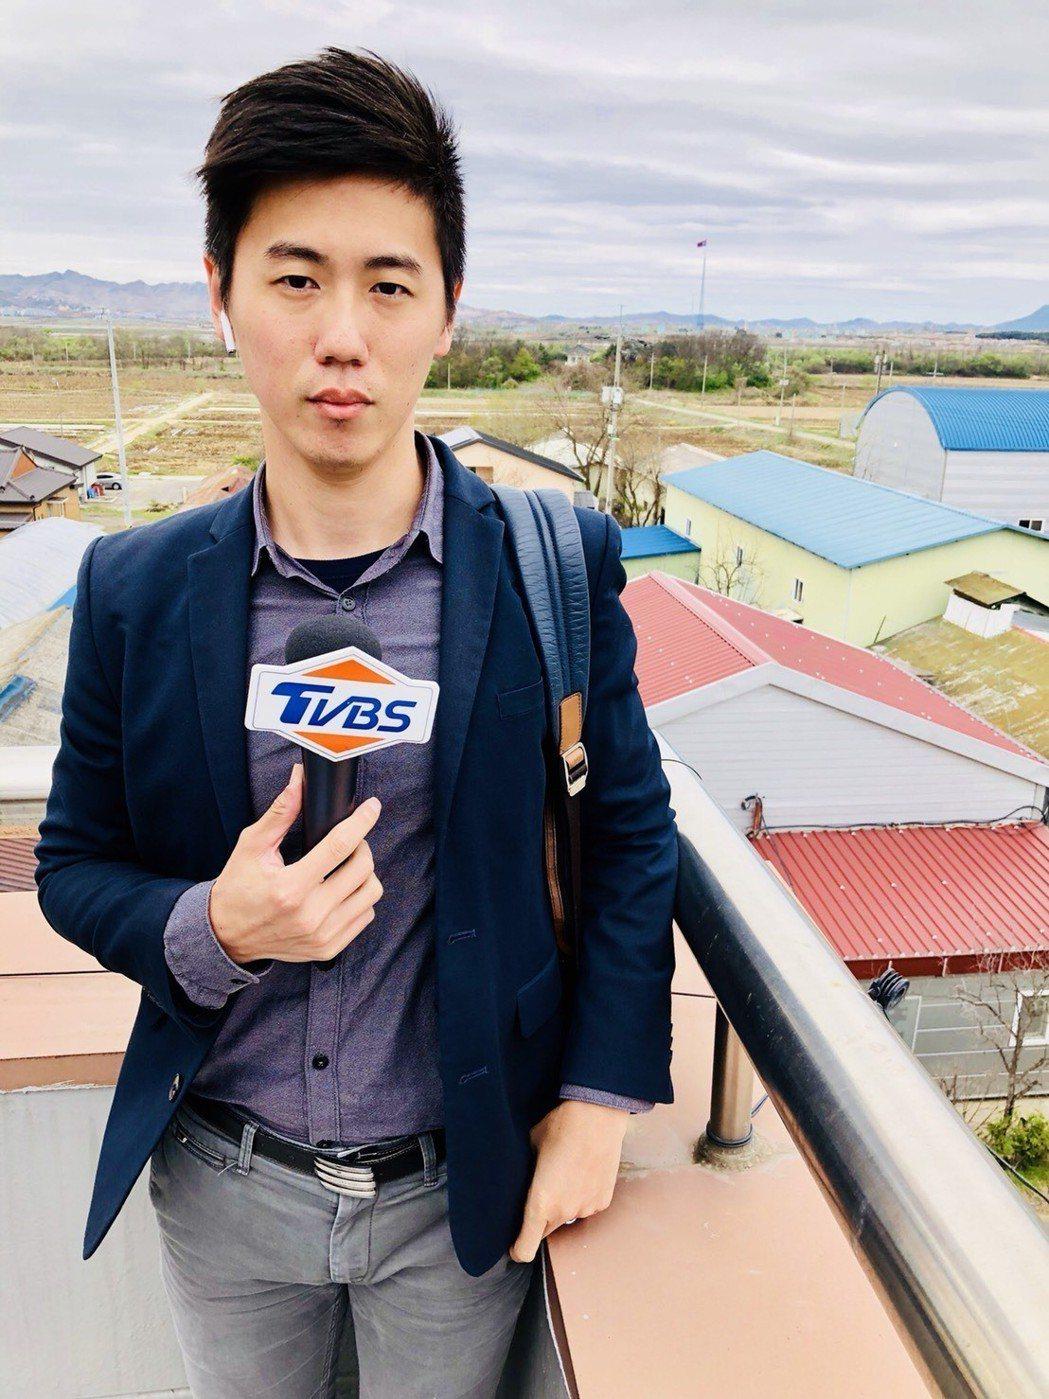 TVBS軍事特派員相振為在自由之村兩韓非武裝地帶。圖/TVBS提供